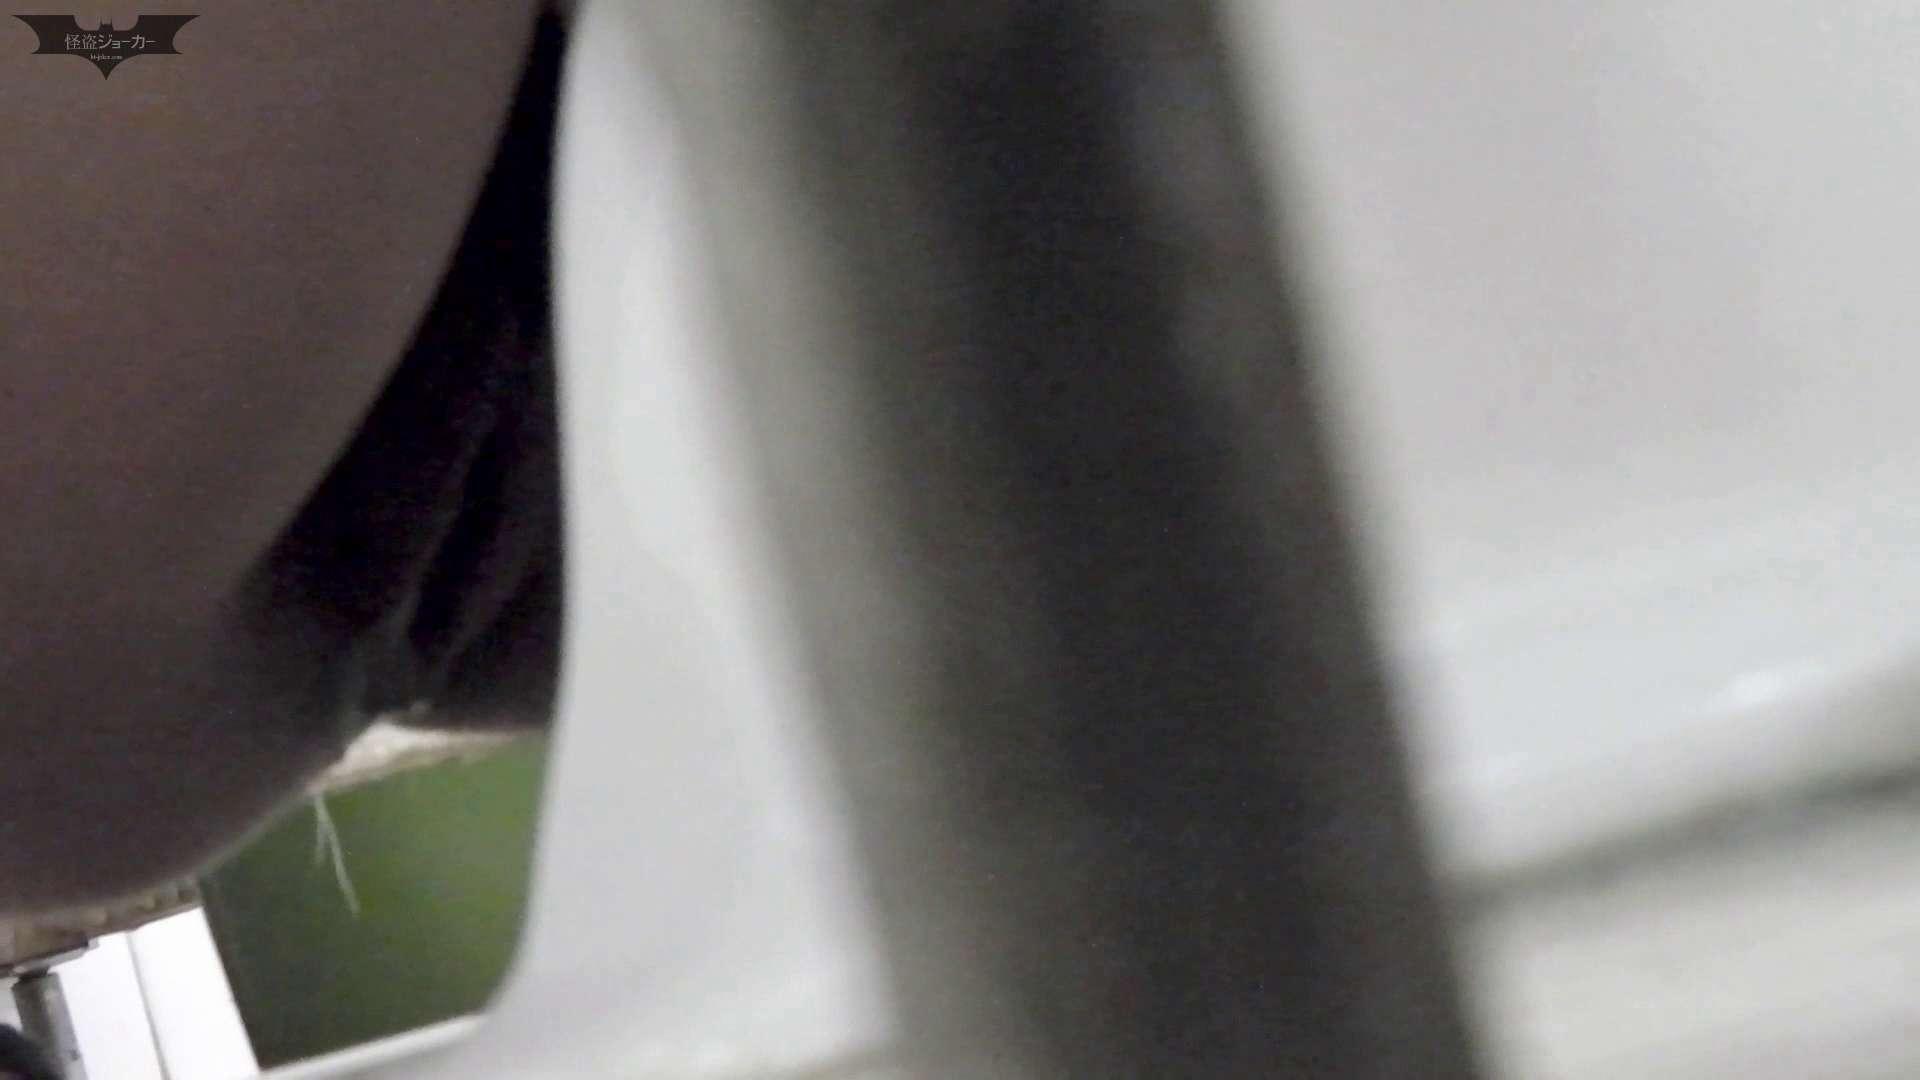 洗面所特攻隊 vol.66 珍事件発生!! 「指」で出【2015・05位】 高画質  83PIX 54